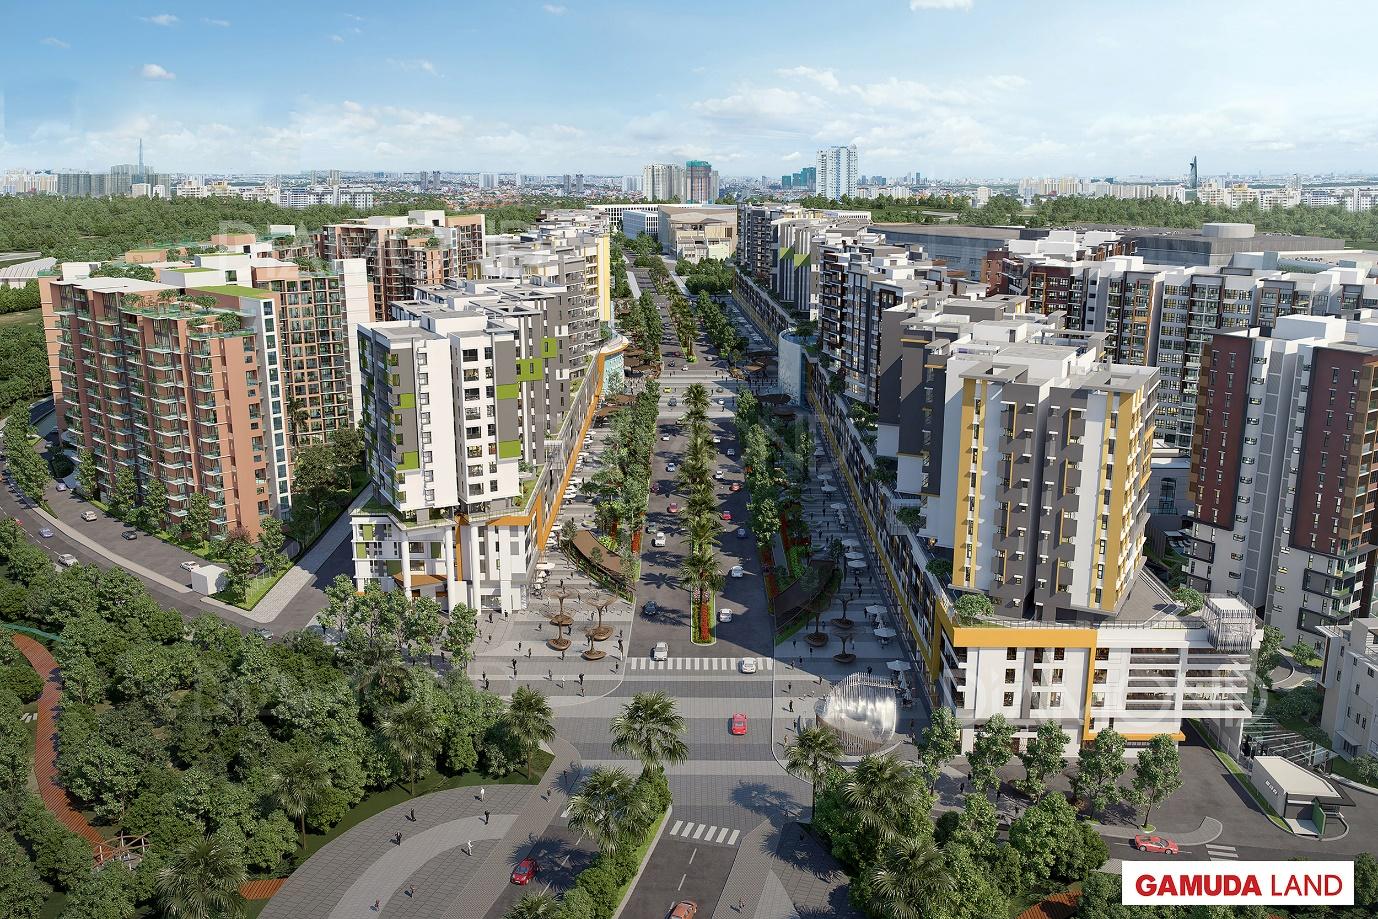 Đại lộ Gamuda - Tâm điểm giao thương của Khu Tây Thành Phố